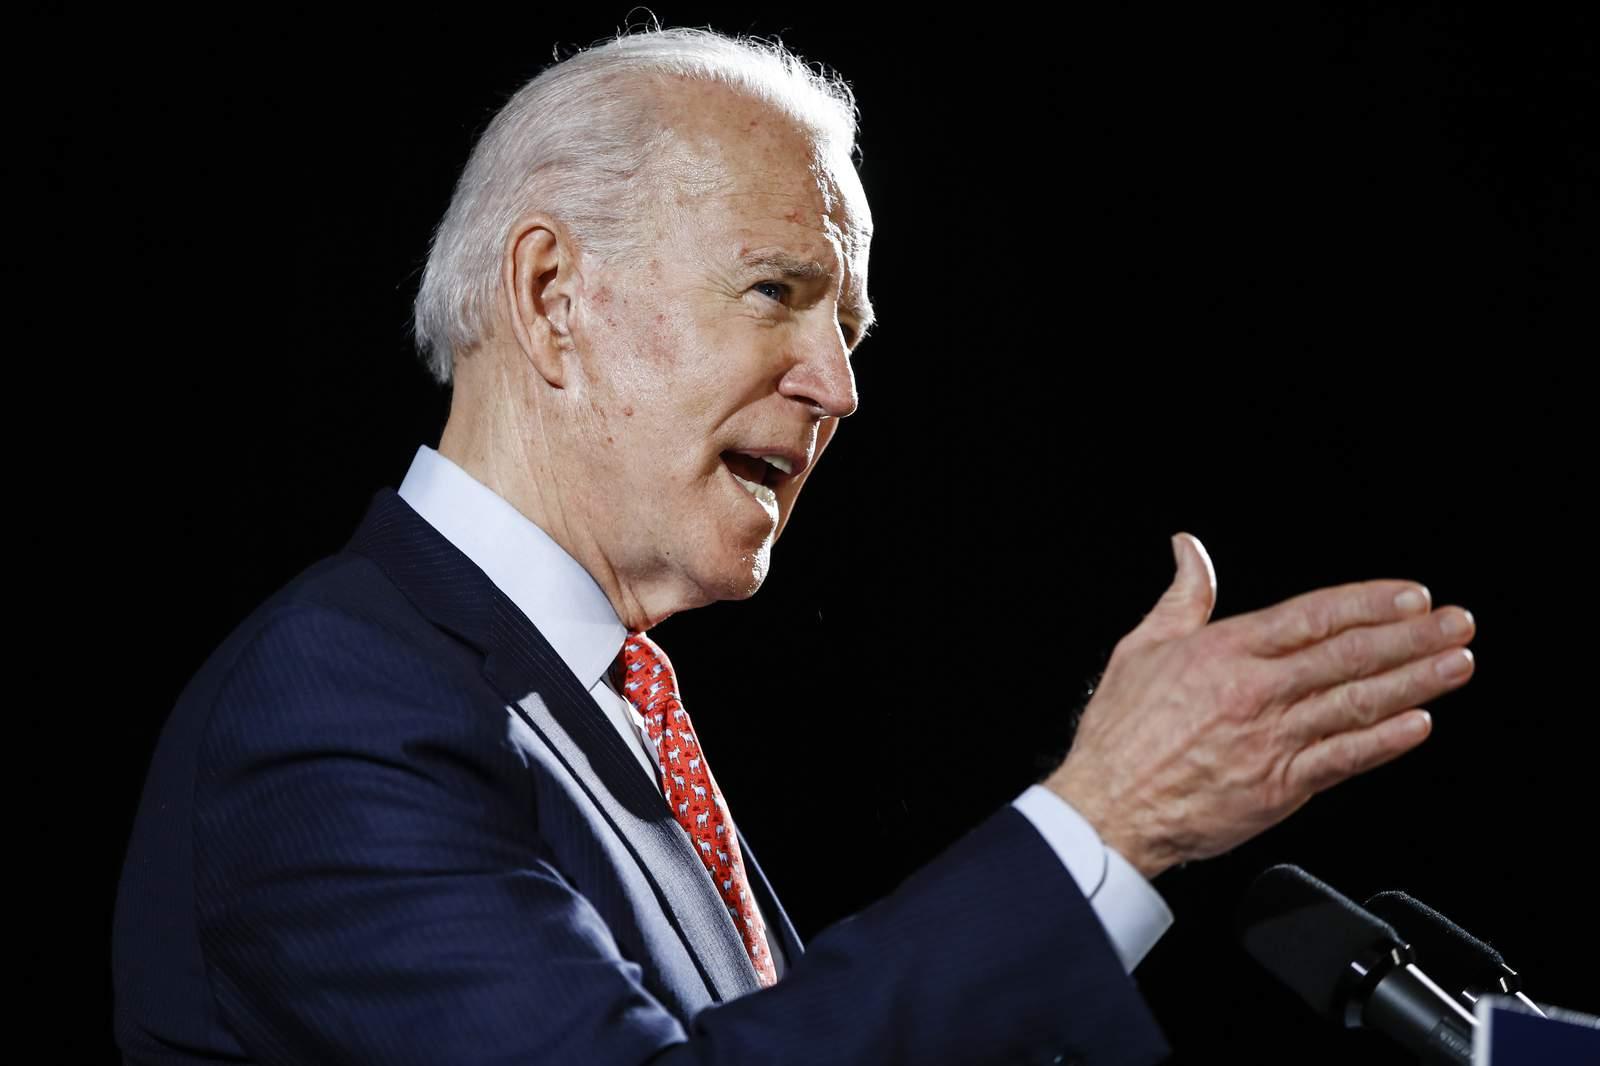 Biden obtiene el respaldo de NEA, el sindicato más grande de la nación 30